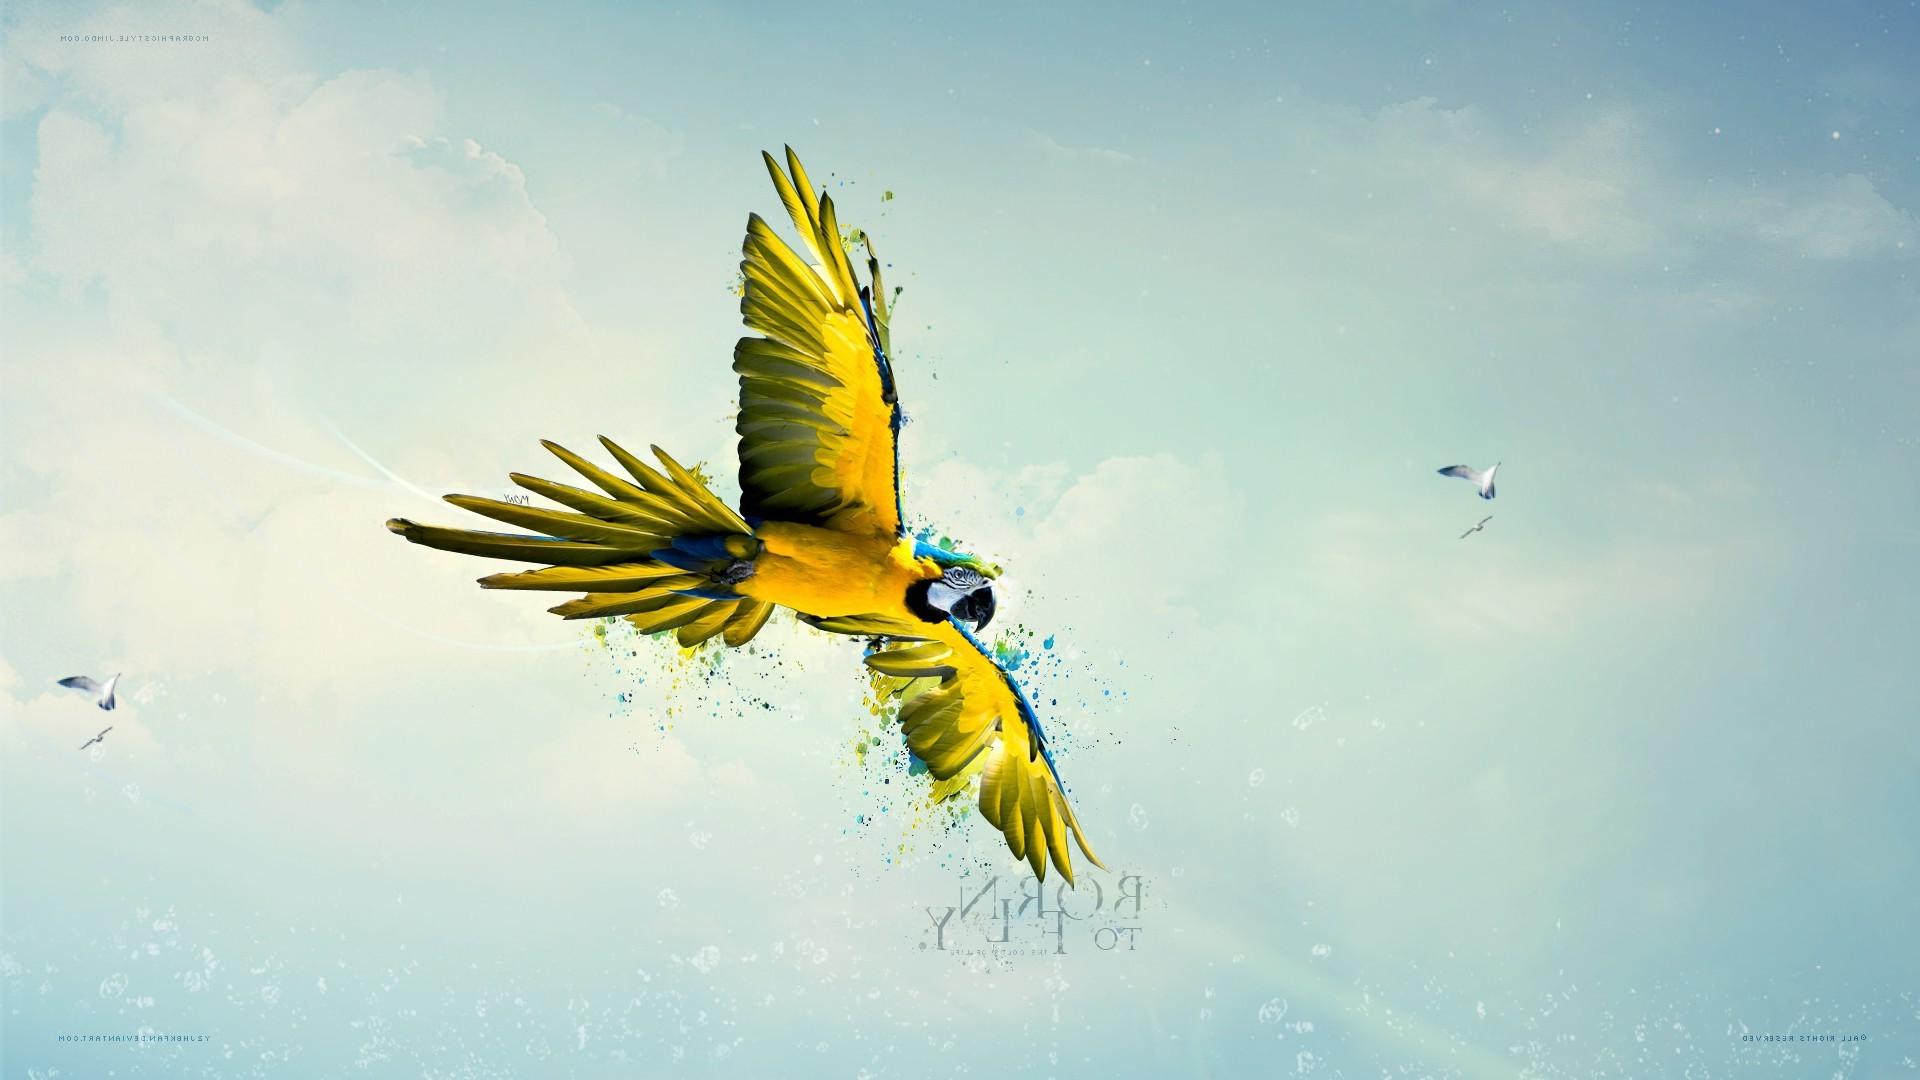 Papier Peint Avec Perroquet fond d'écran : lumière du soleil, des oiseaux, la nature